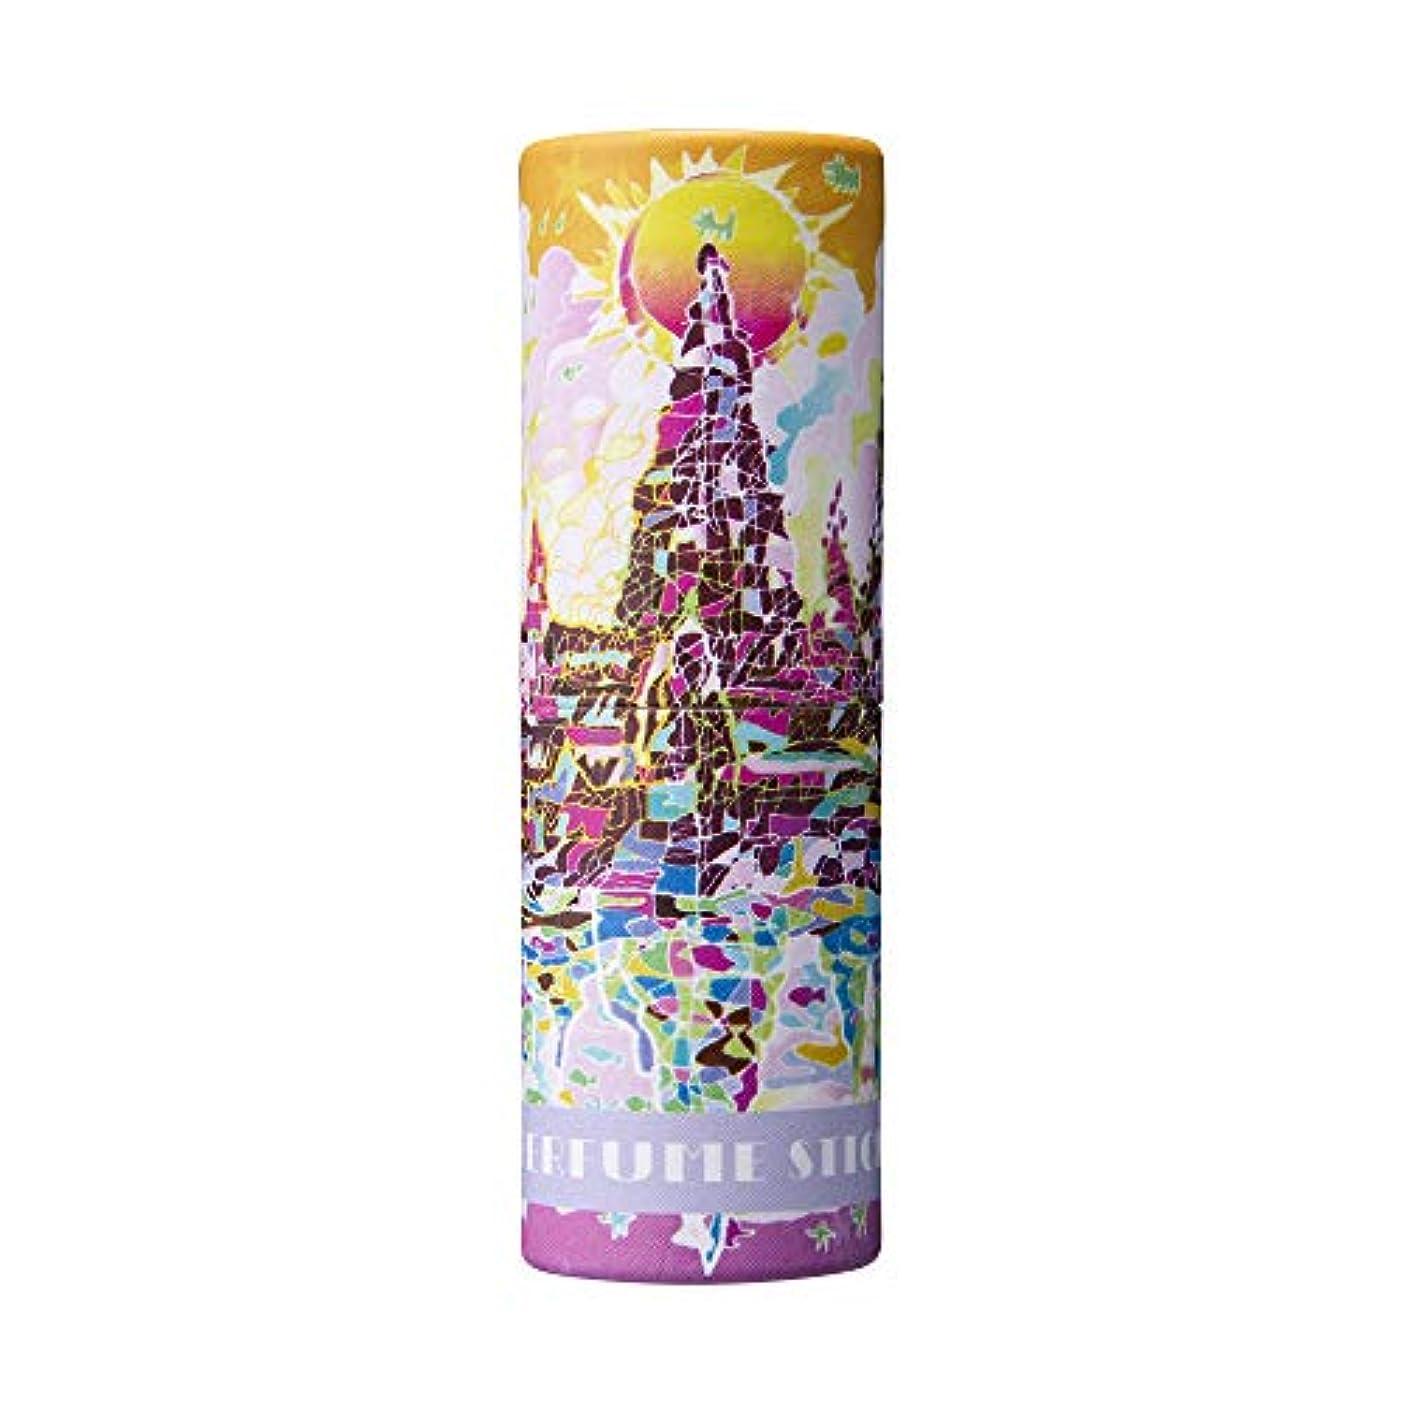 六月困惑過度のパフュームスティック ドリーム ペア&ピーチの香り 世界遺産デザイン 5g